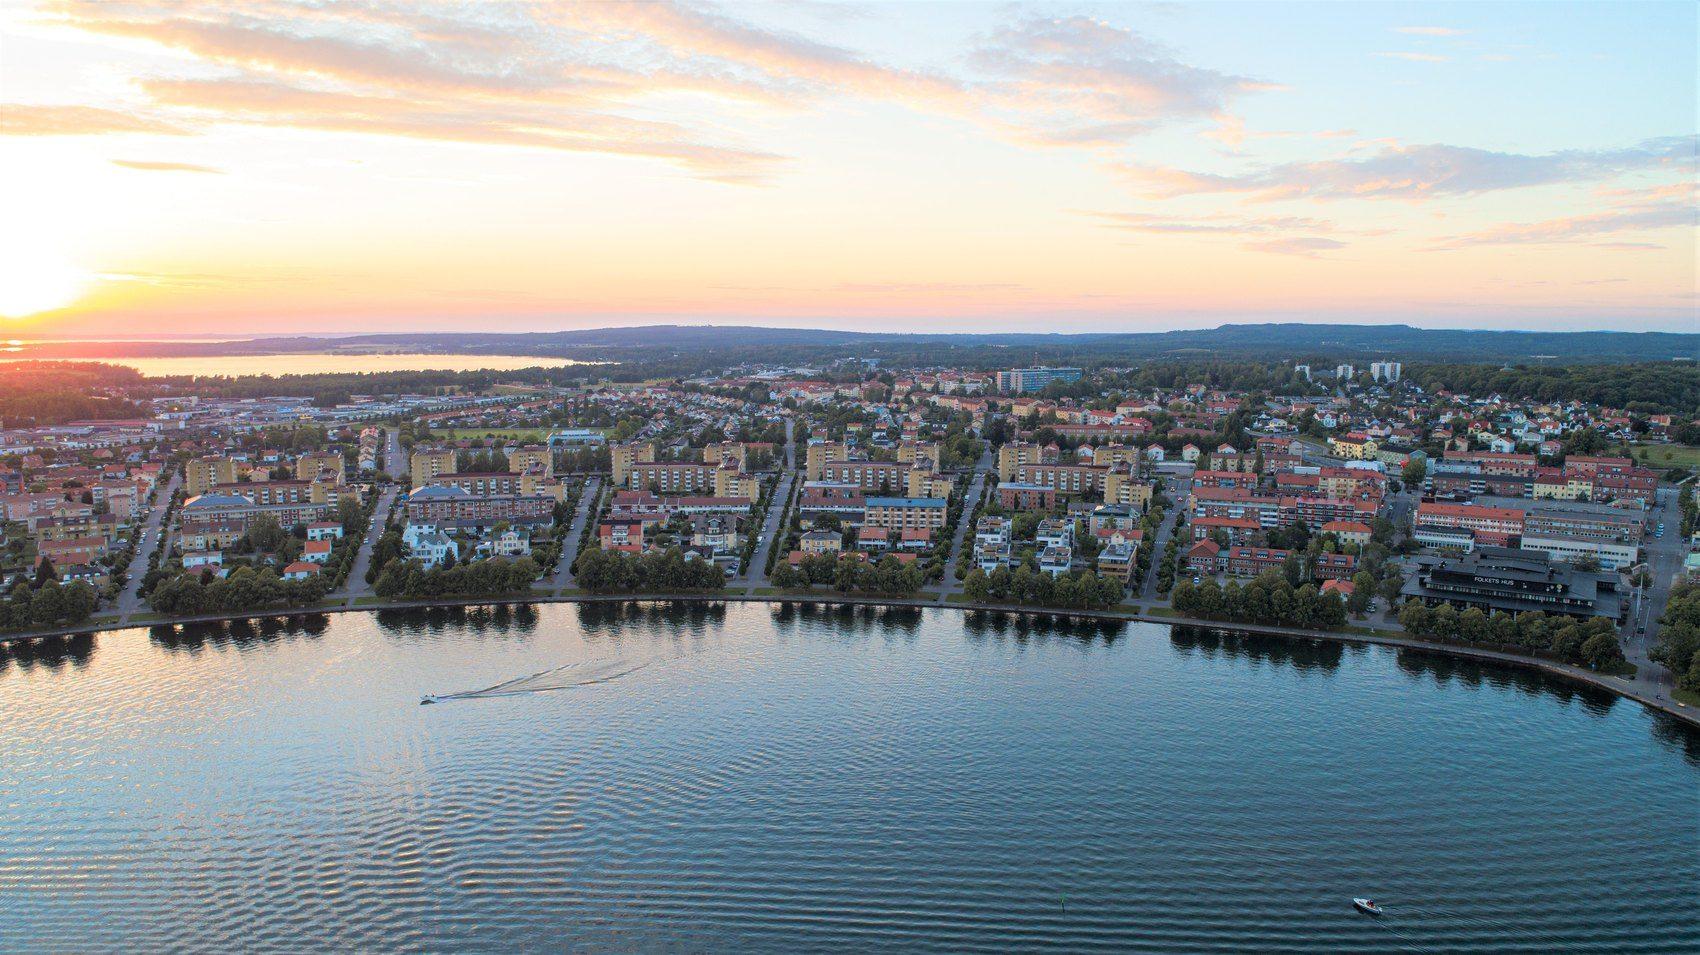 Vy över kust med hus och byggnader på land där gatorna är formade som en solfjäder